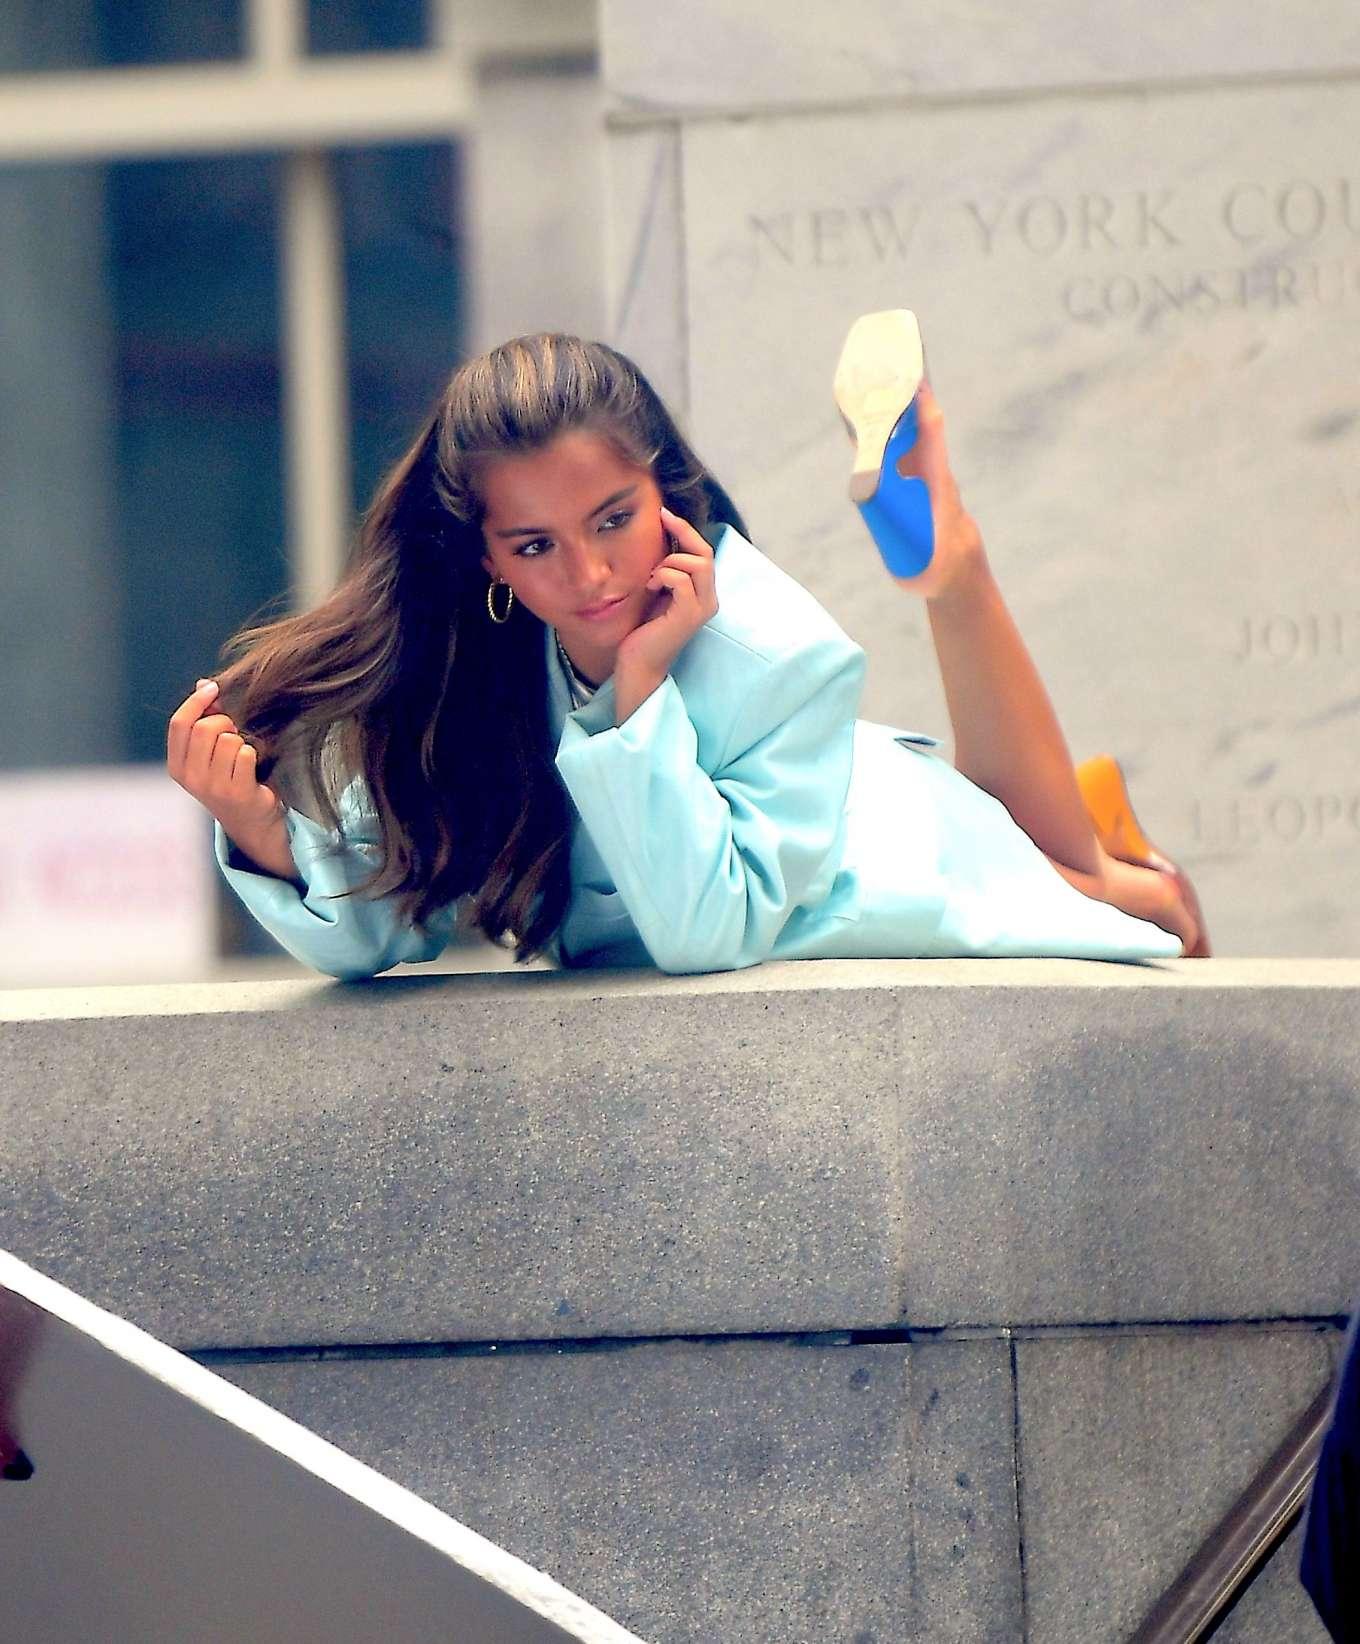 Isabela Moner 2019 : Isabela Moner – Poses for Stylish Photoshoot on the Steps of City Hall-22